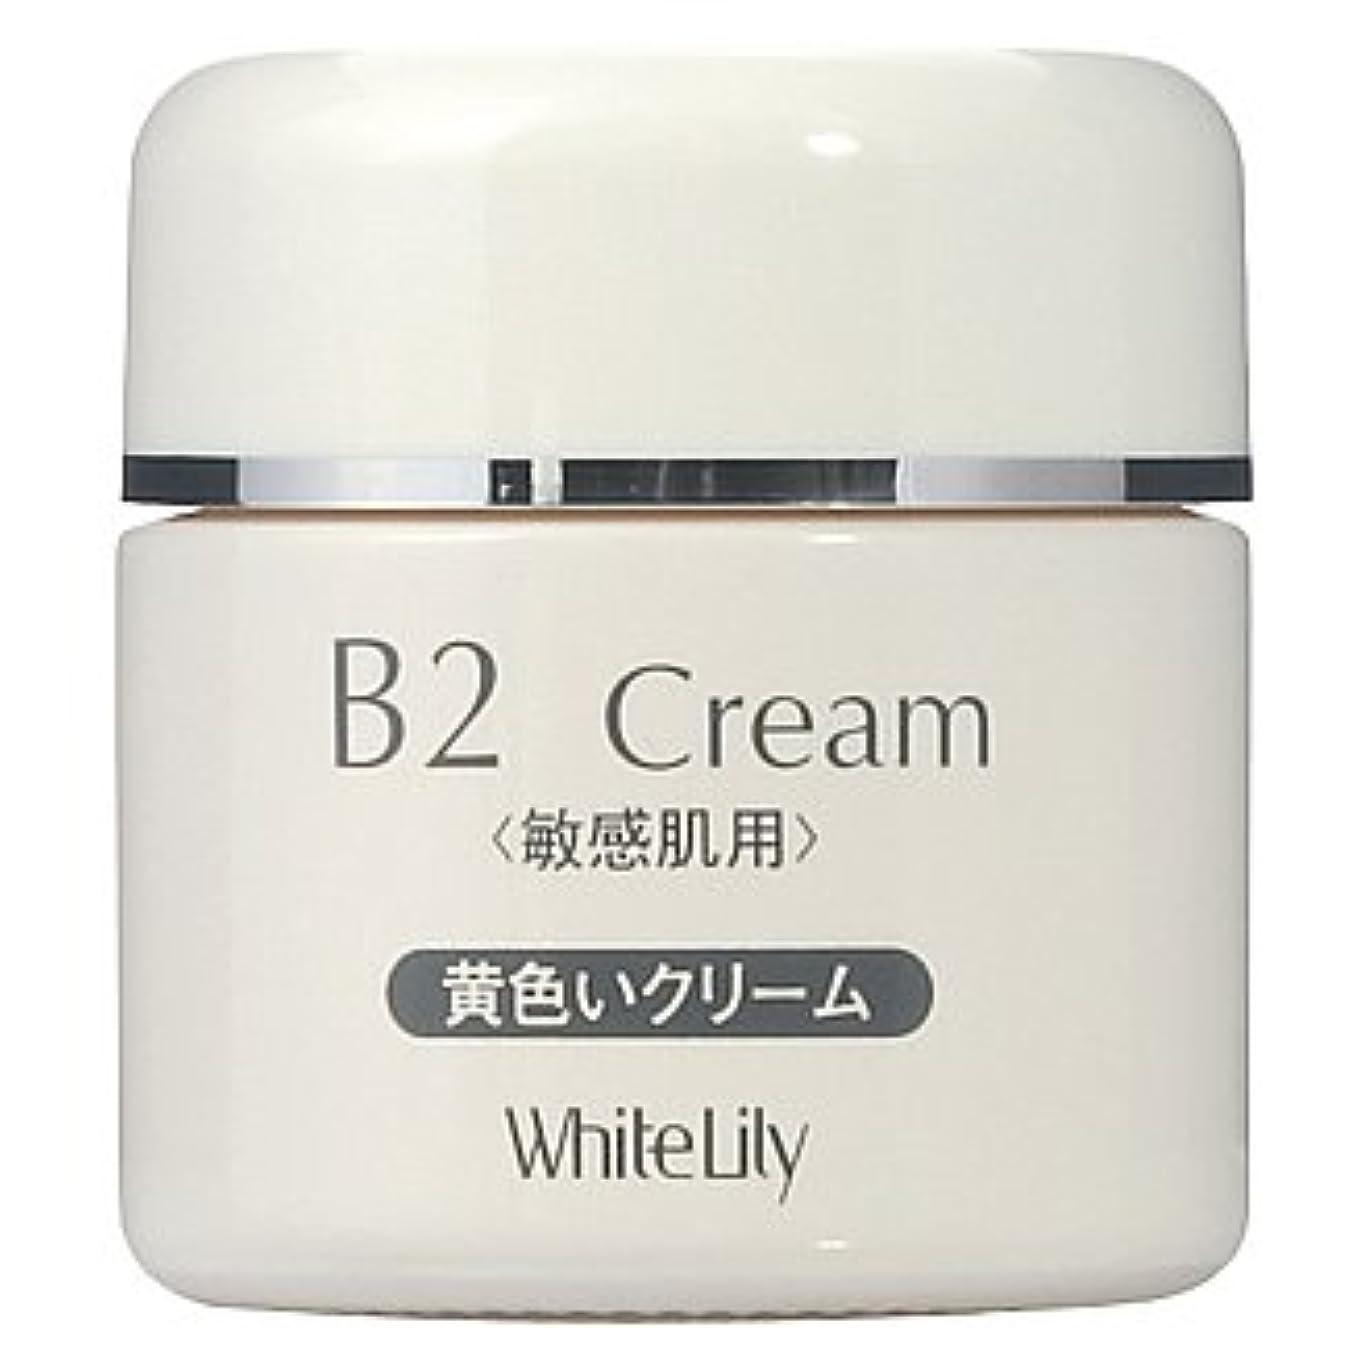 単位親密な親密なホワイトリリー B2クリーム ボトル40g クリーム